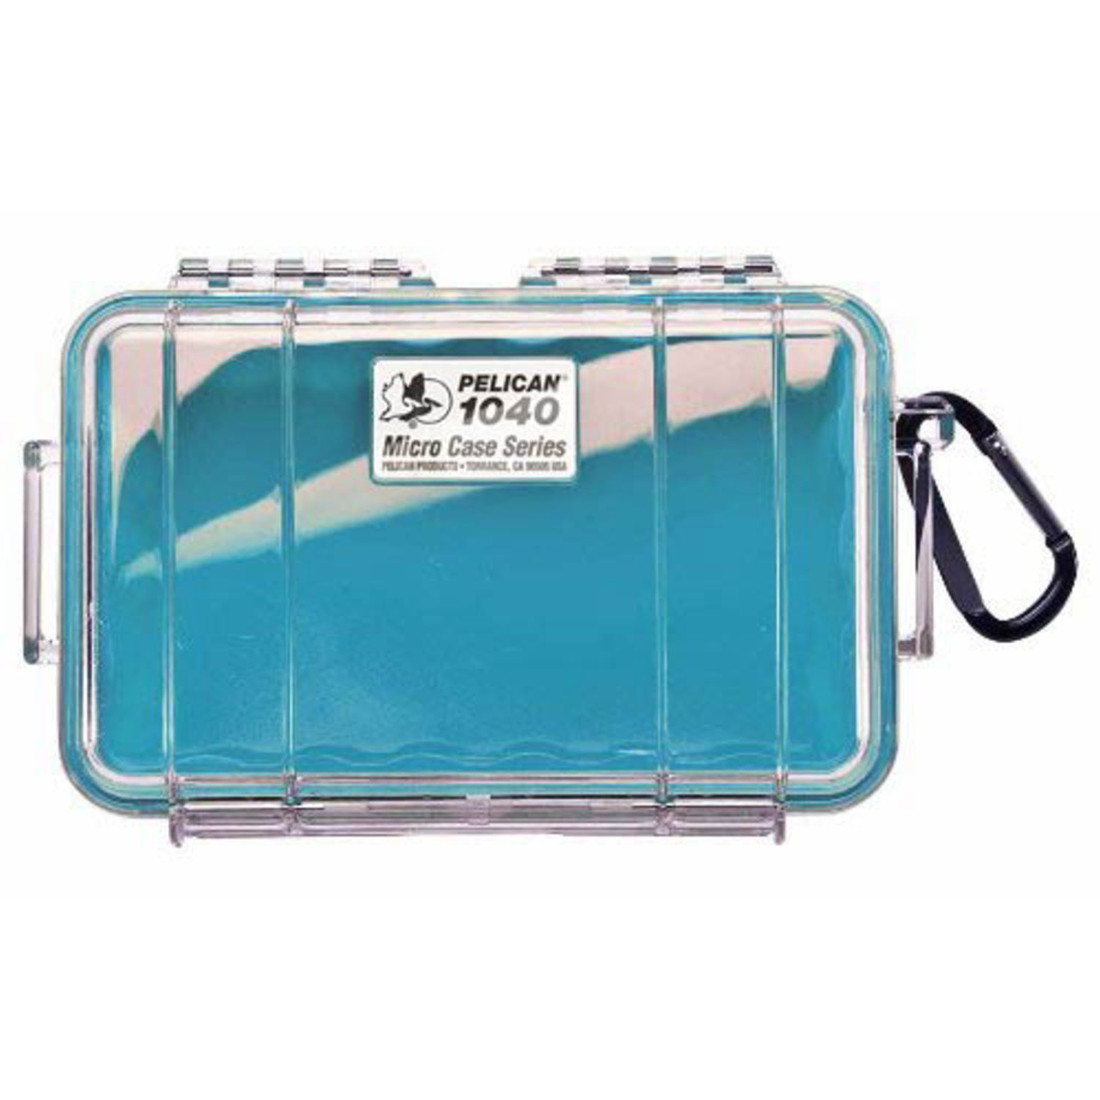 【自社在庫品】 ペリカン 1040ライナー 防水ケース PELICAN Micro Dry Cases 1040